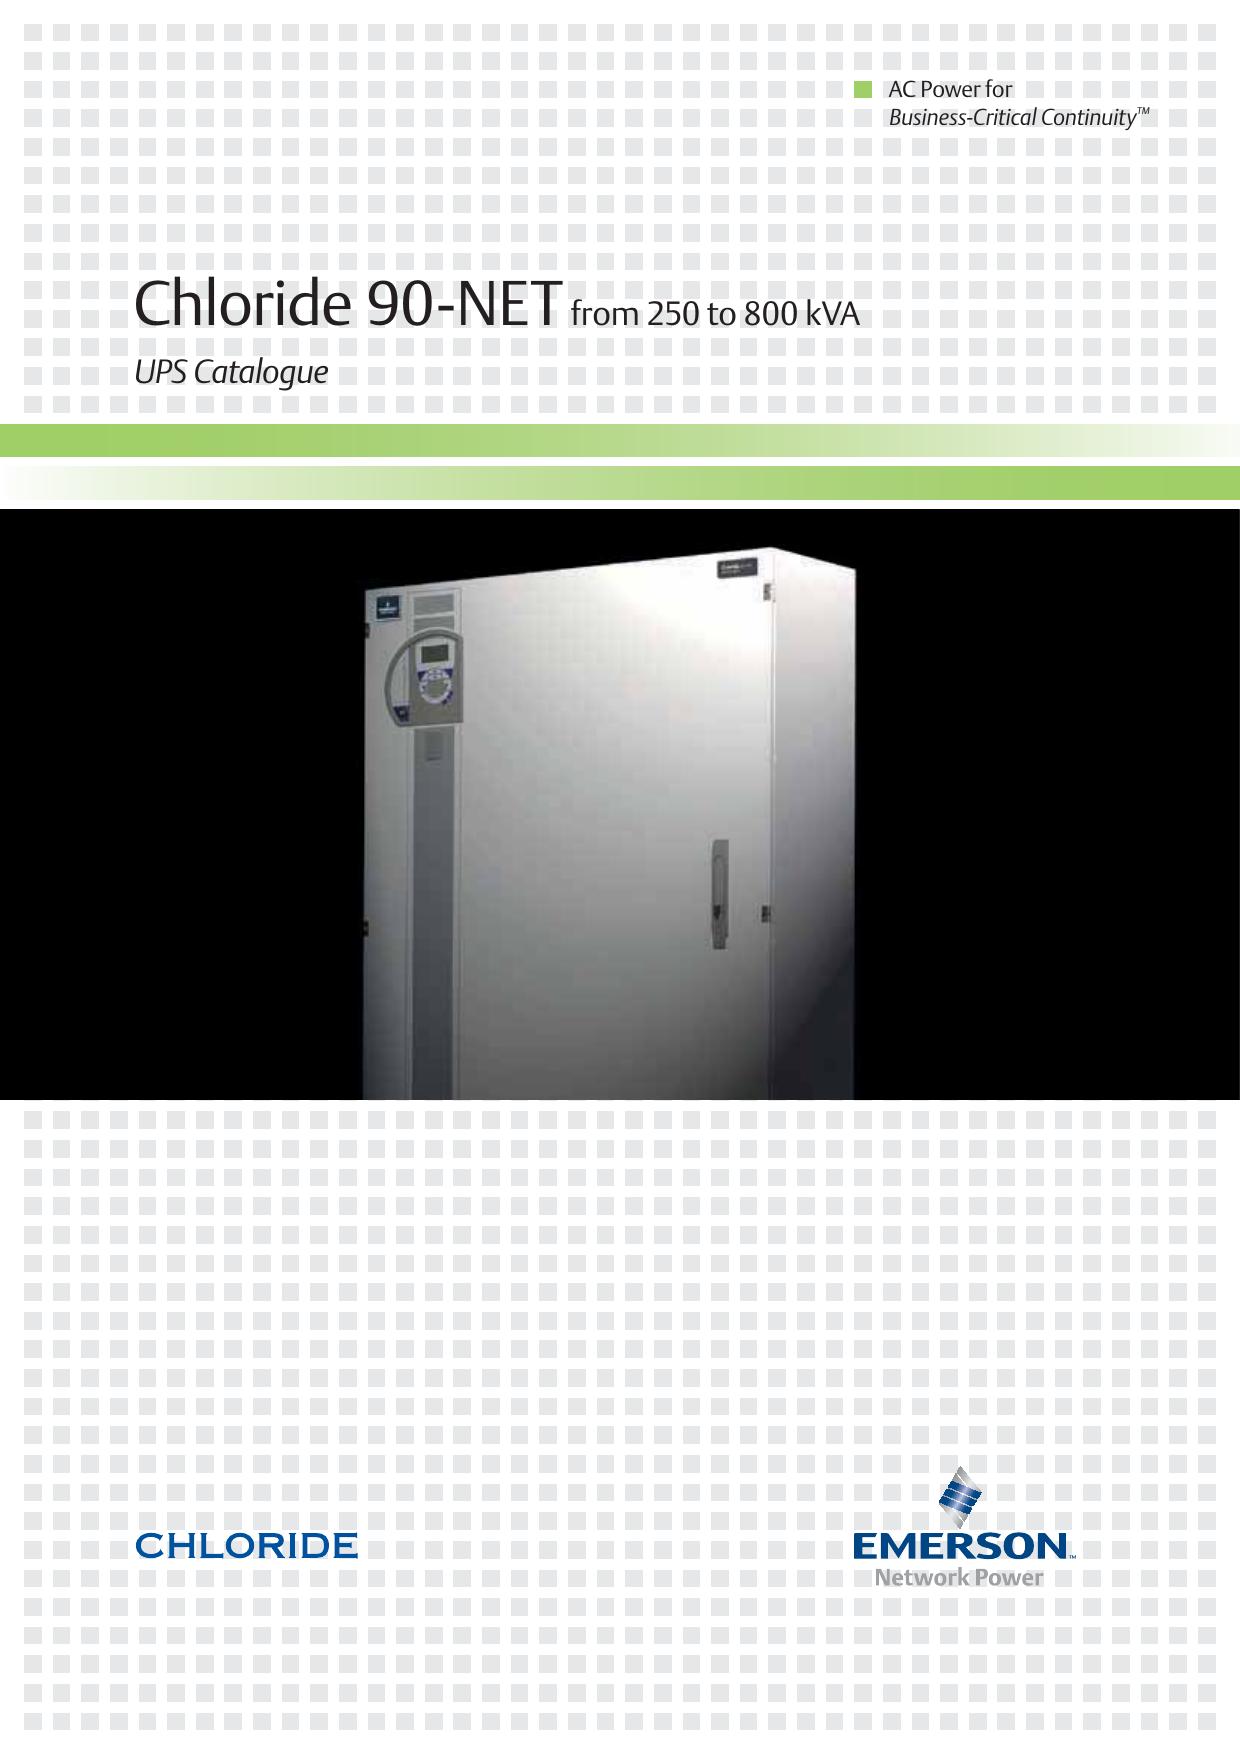 Chloride 90 Netfrom 250 To 800 Kva Ups Catalogue Manualzz